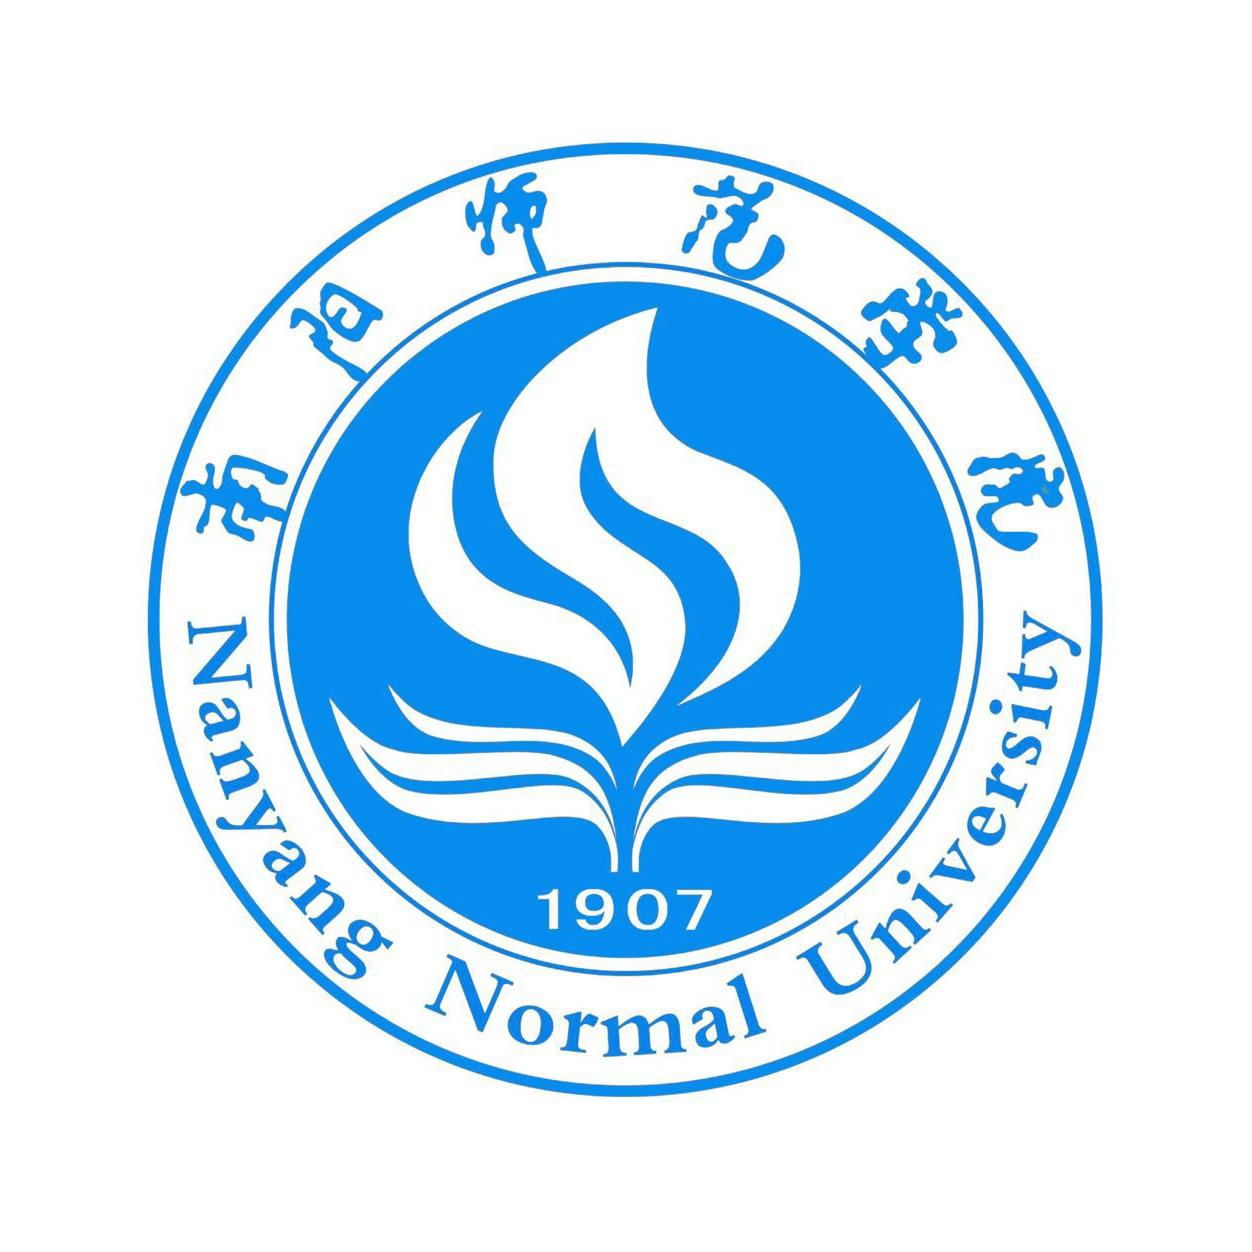 中国民航大学校徽校标_word文档在线阅读与下载_无忧文档